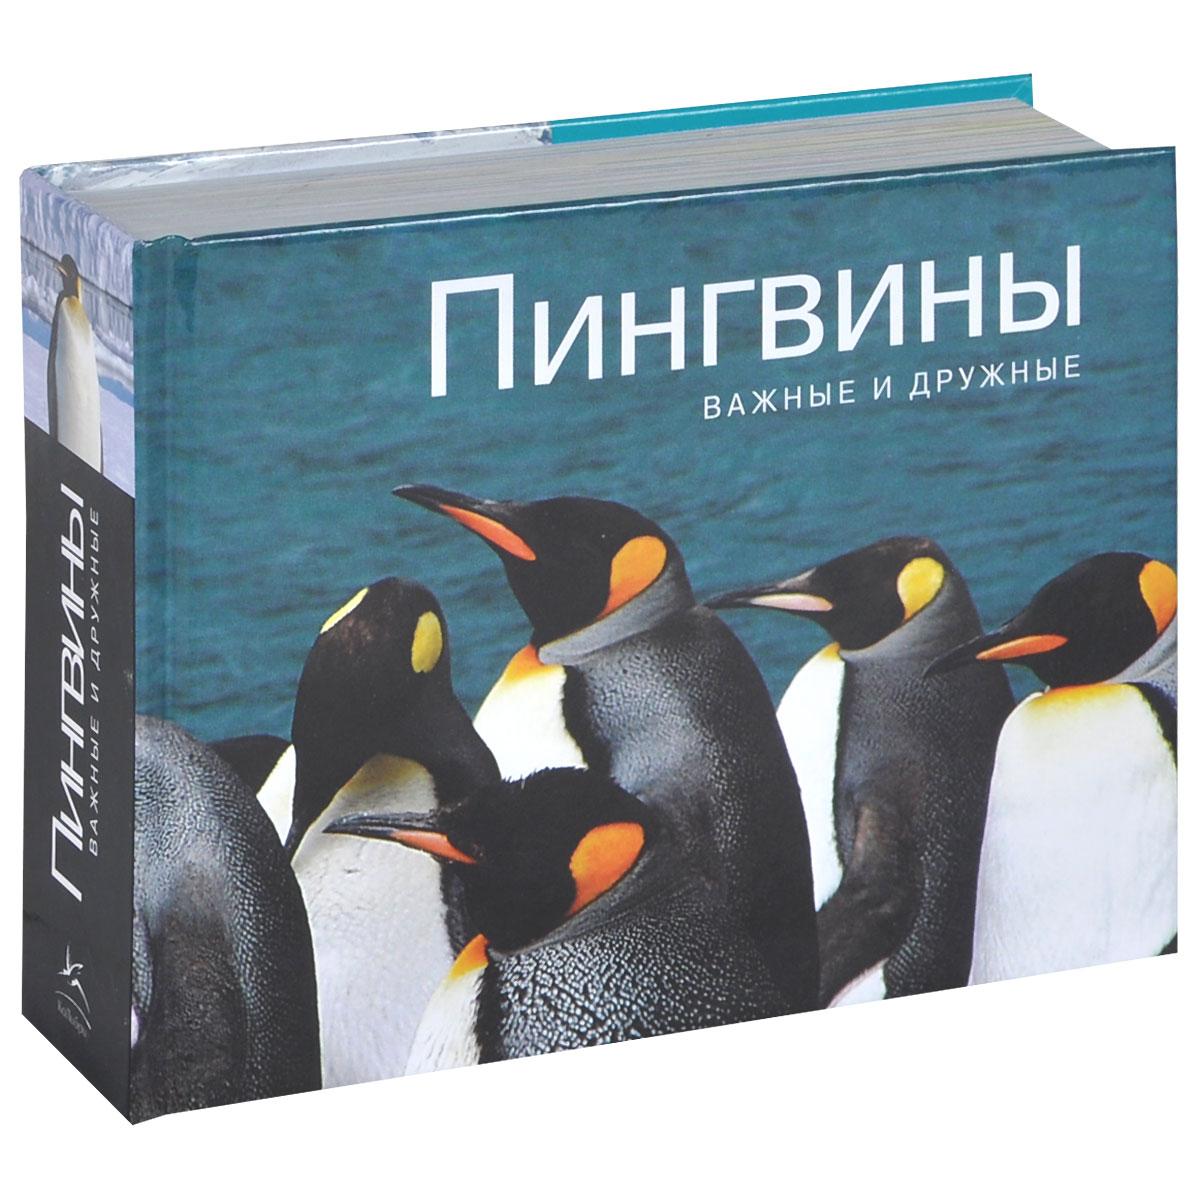 Парселл Л. Пингвины. Важные и дружные все цены